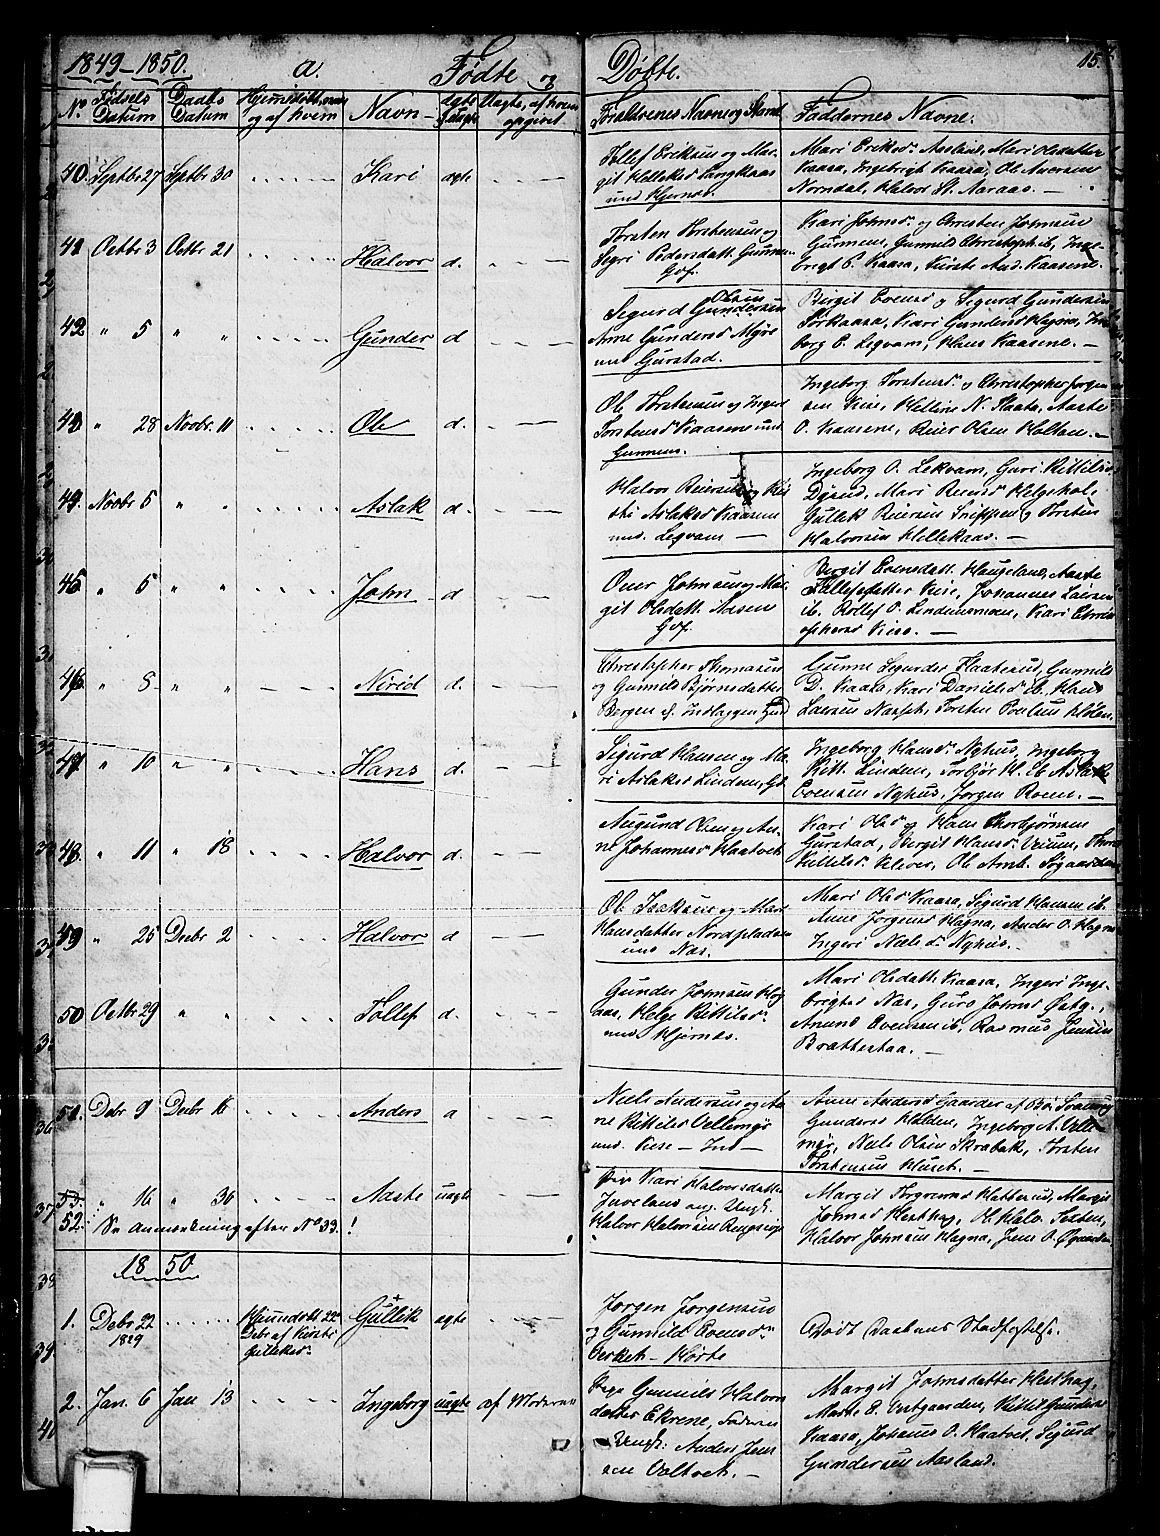 SAKO, Sauherad kirkebøker, G/Gb/L0001: Klokkerbok nr. II 1, 1845-1865, s. 15